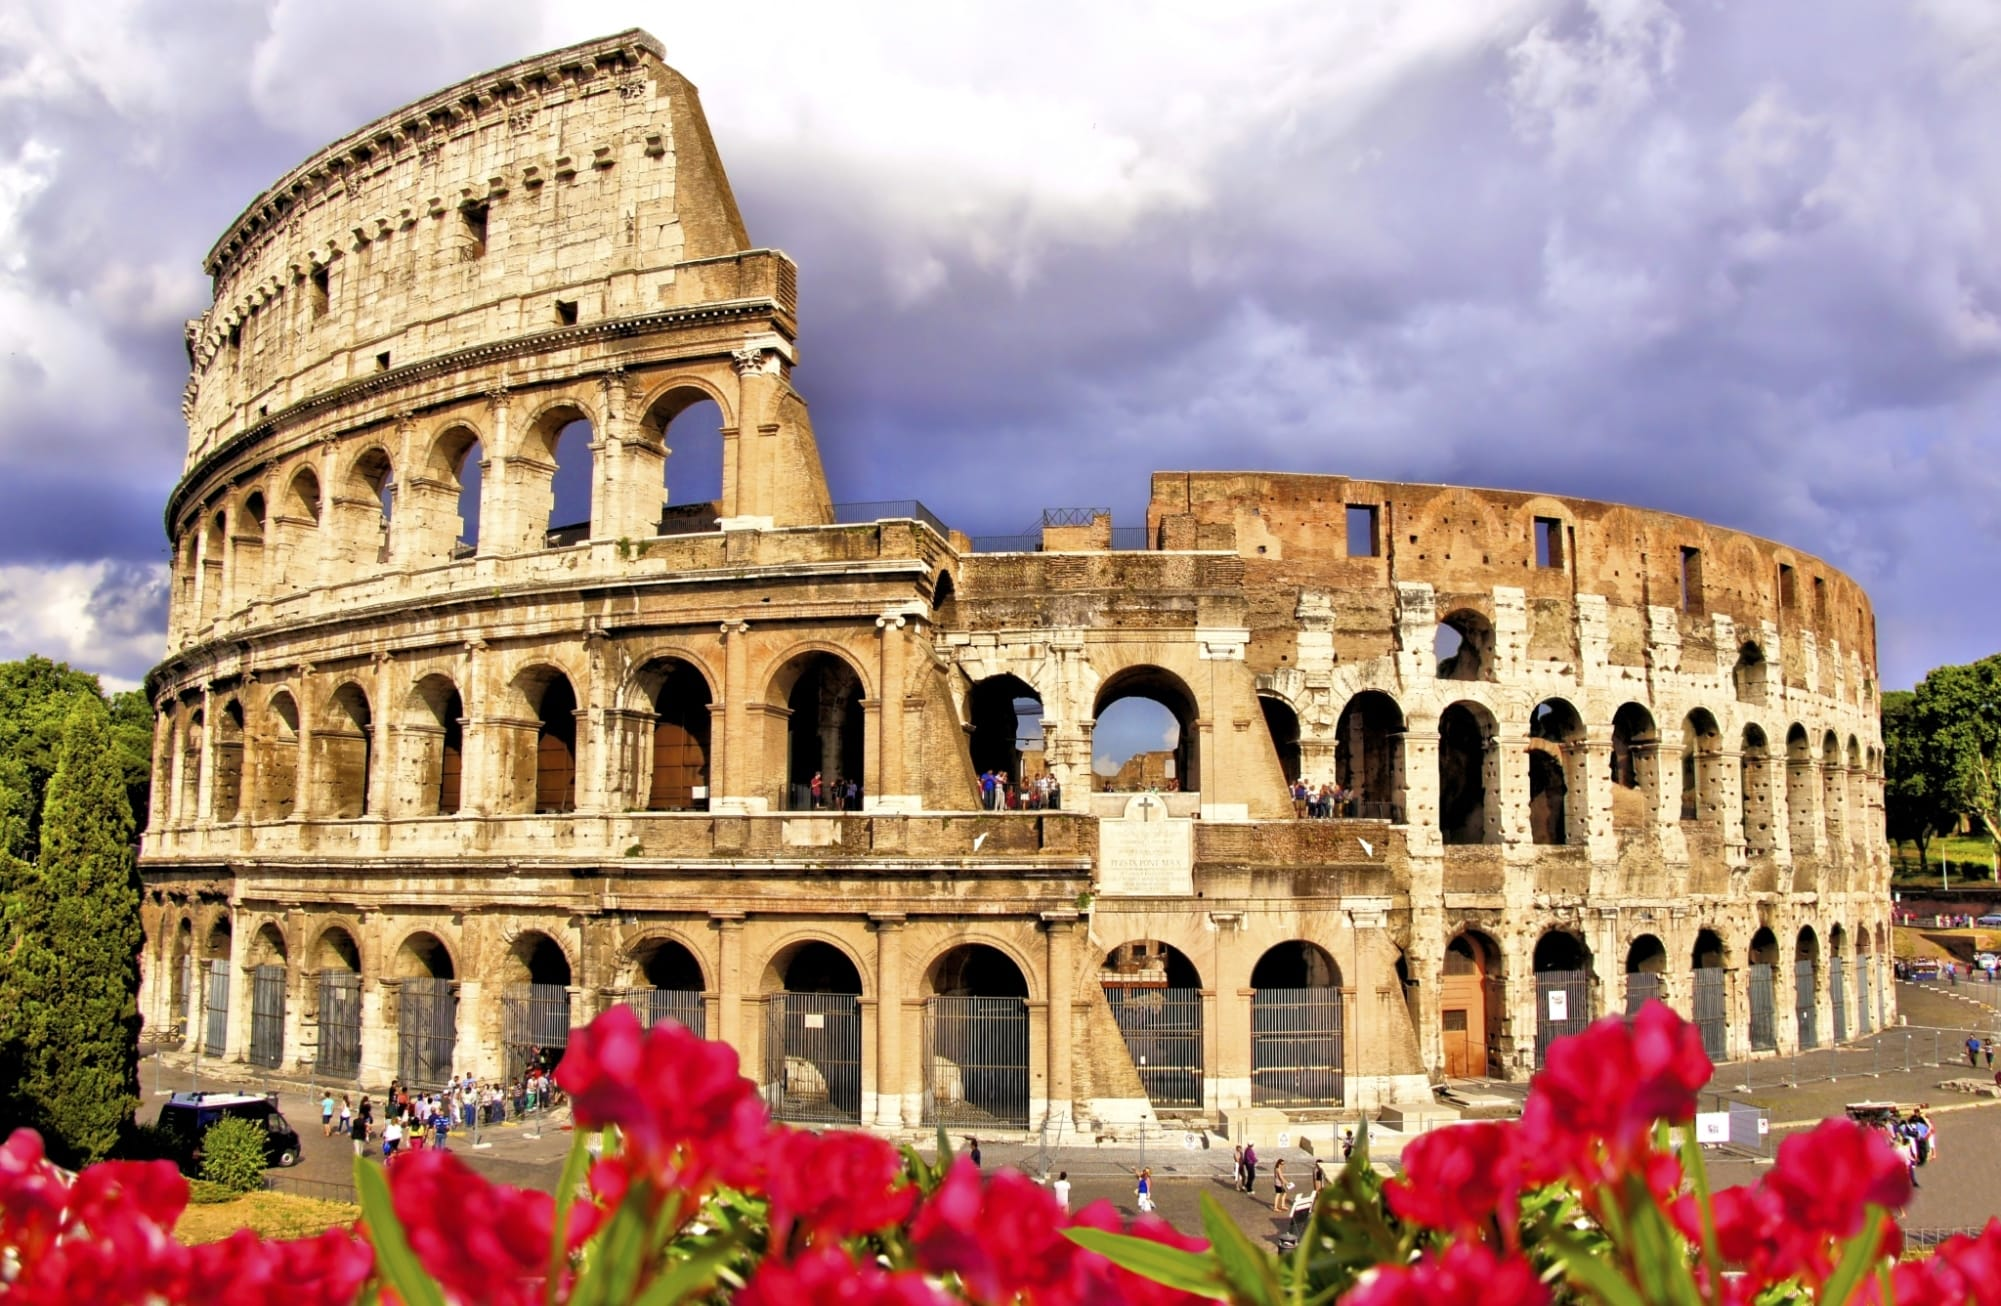 Il Colosseo rimarrà chiuso durante la Notte dei Musei 2014: uno spreco